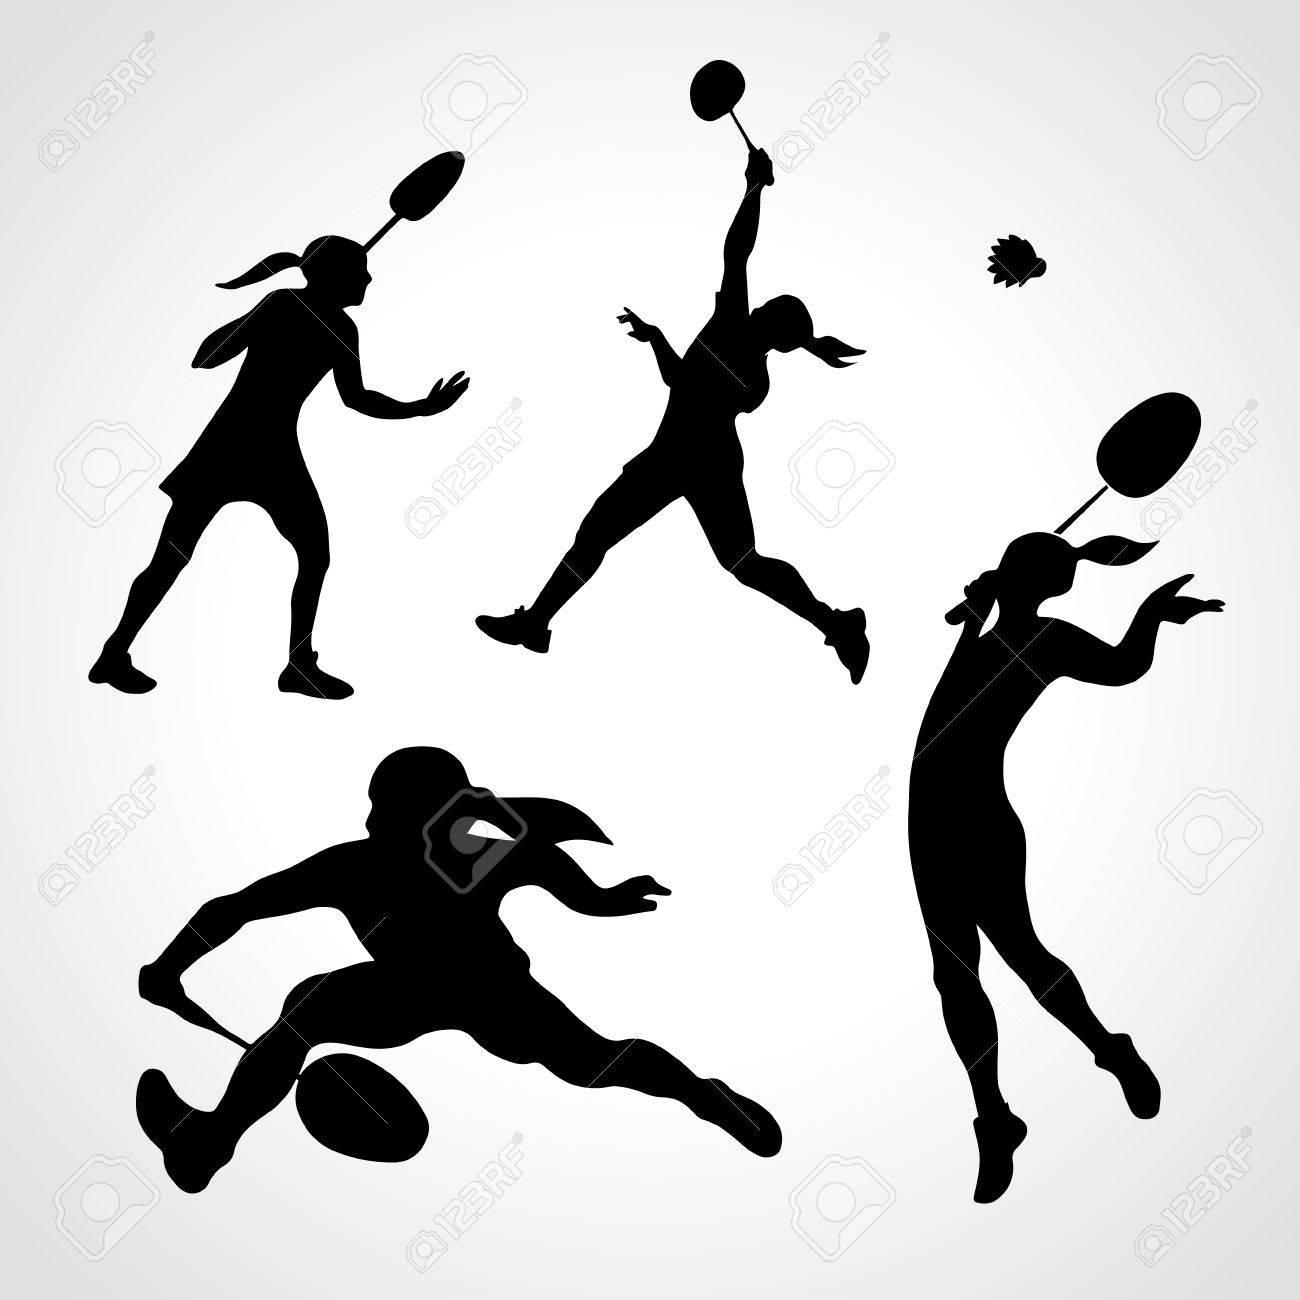 女子プロのバドミントン選手の 4 ベクトル シルエット ベクトル図のイラスト素材 ベクタ Image